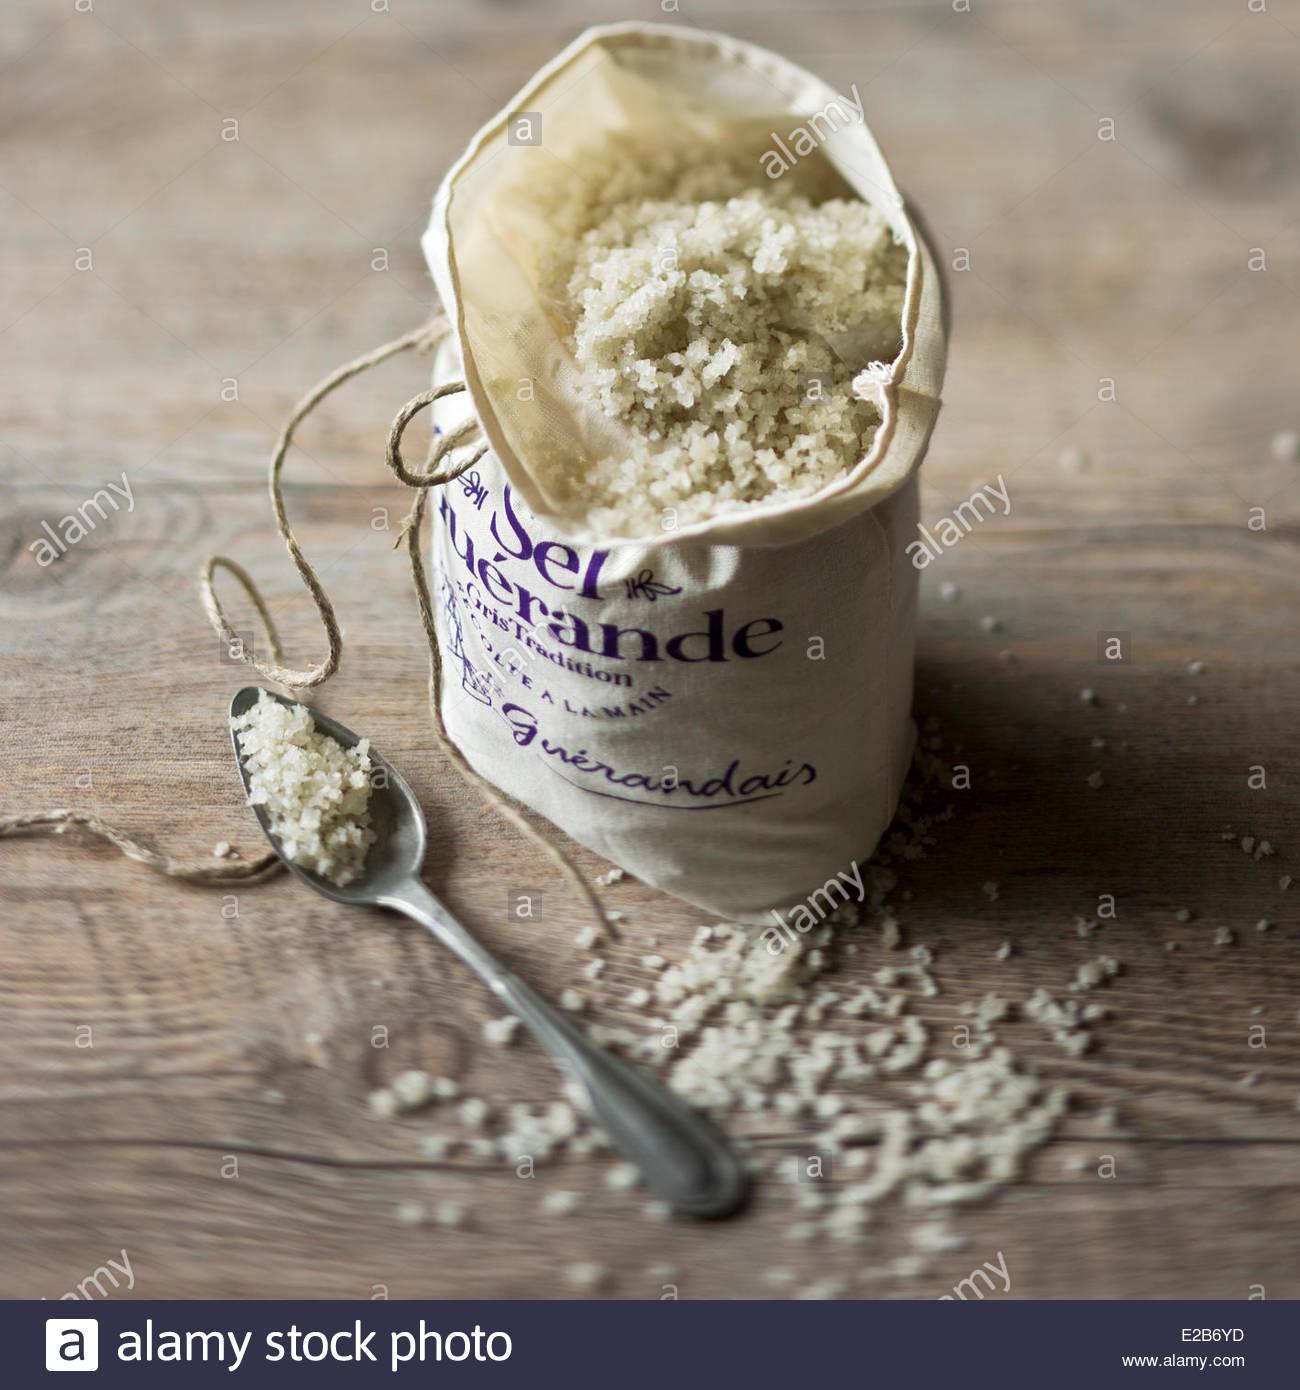 France, Loire Atlantique, Guerande, Fleur de sel, salt Guerande, styling, Valerie Lhomme - Stock Image